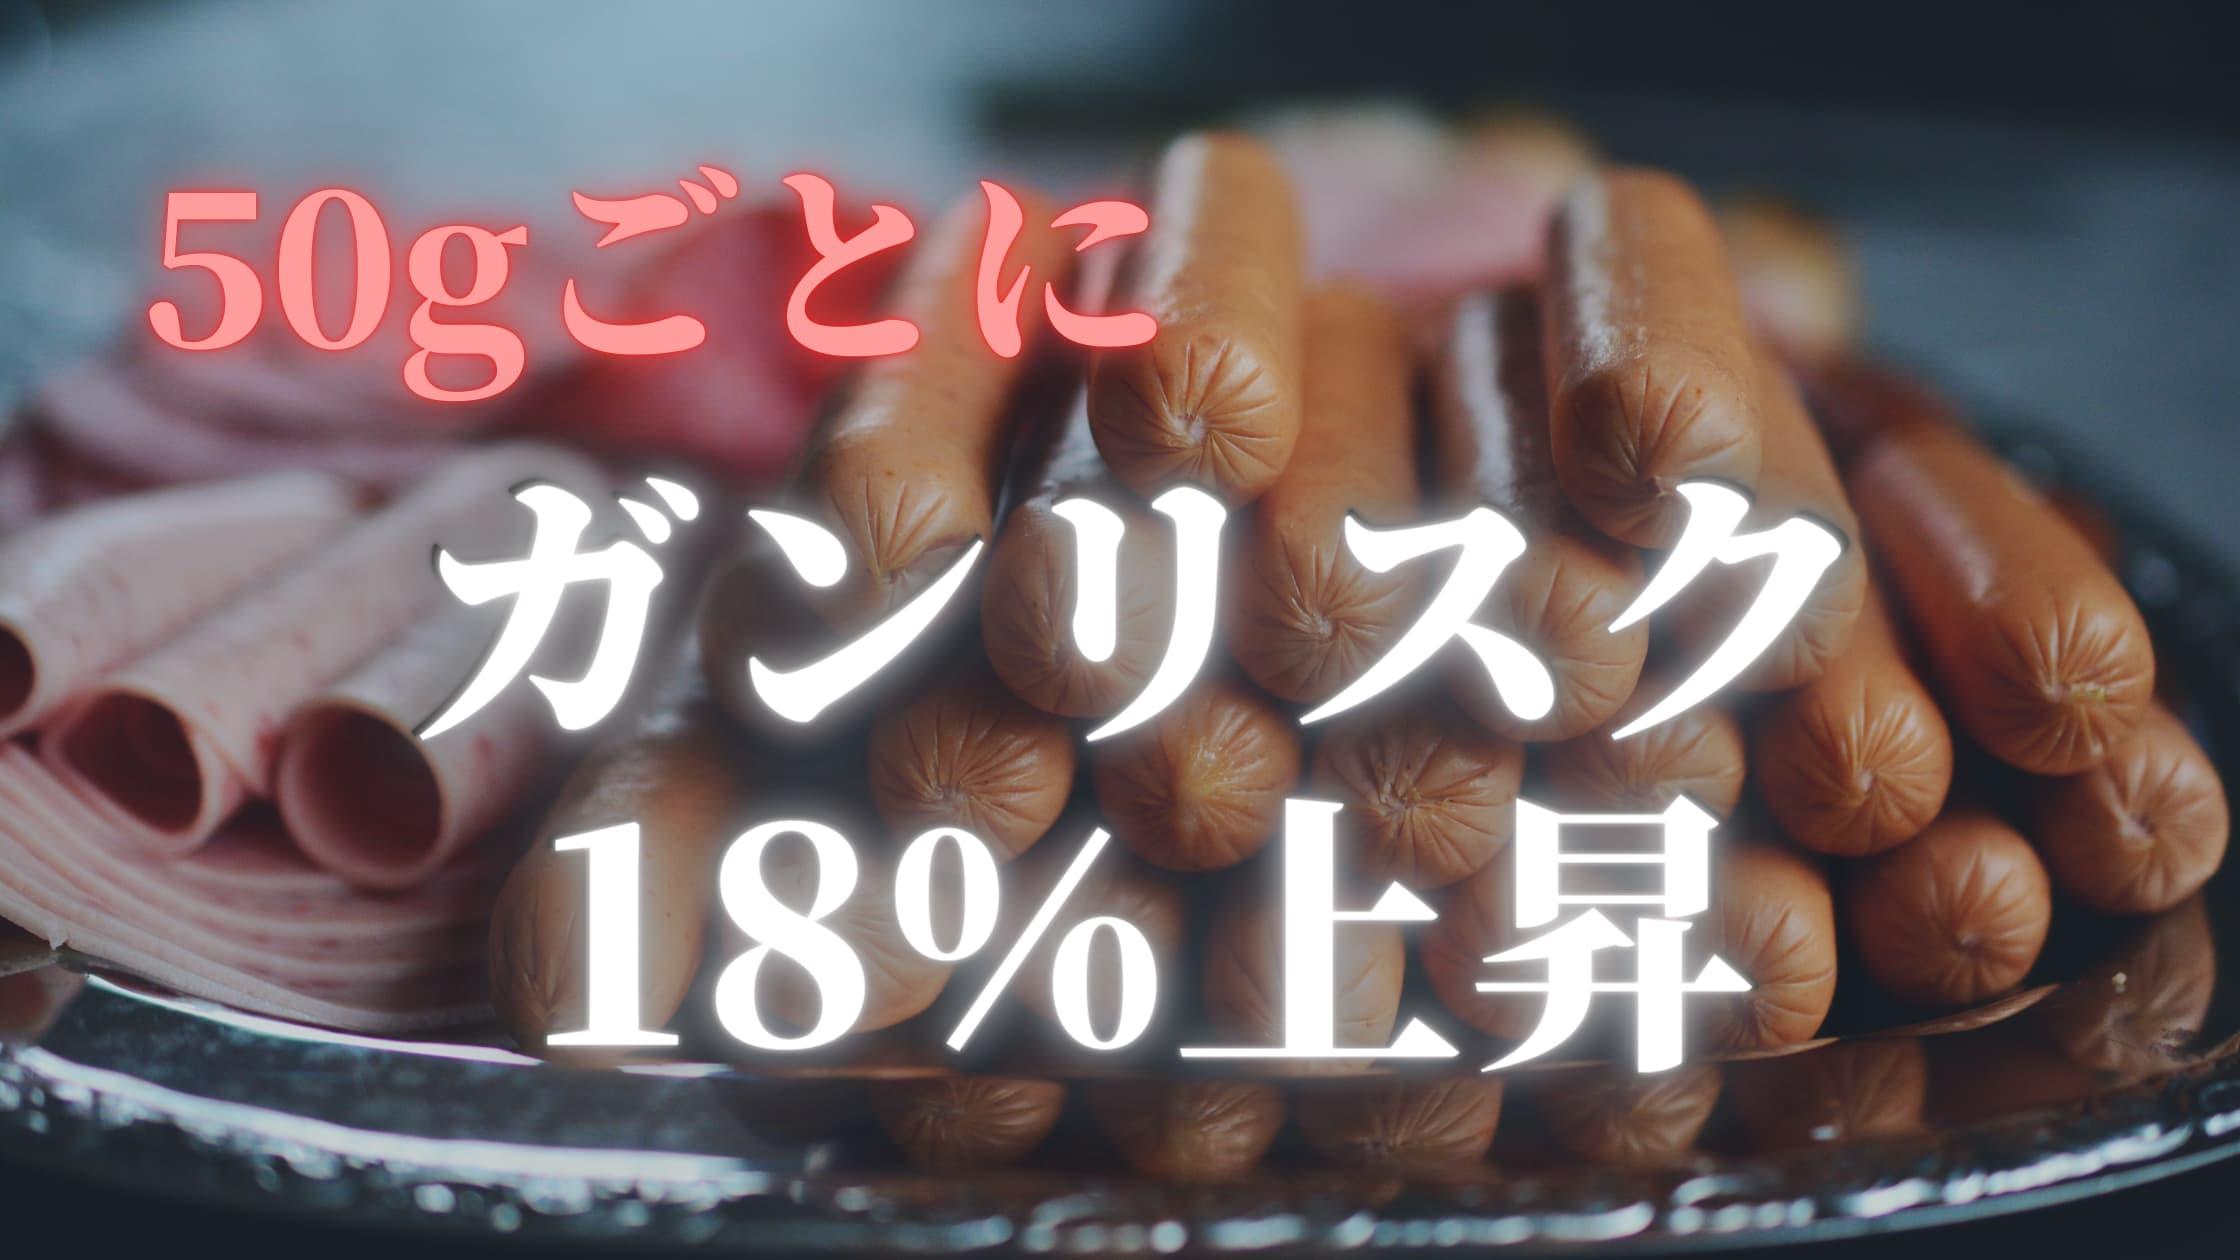 【がんリスク18%上昇】もうハムとソーセージは食べられない?【解決法あり】